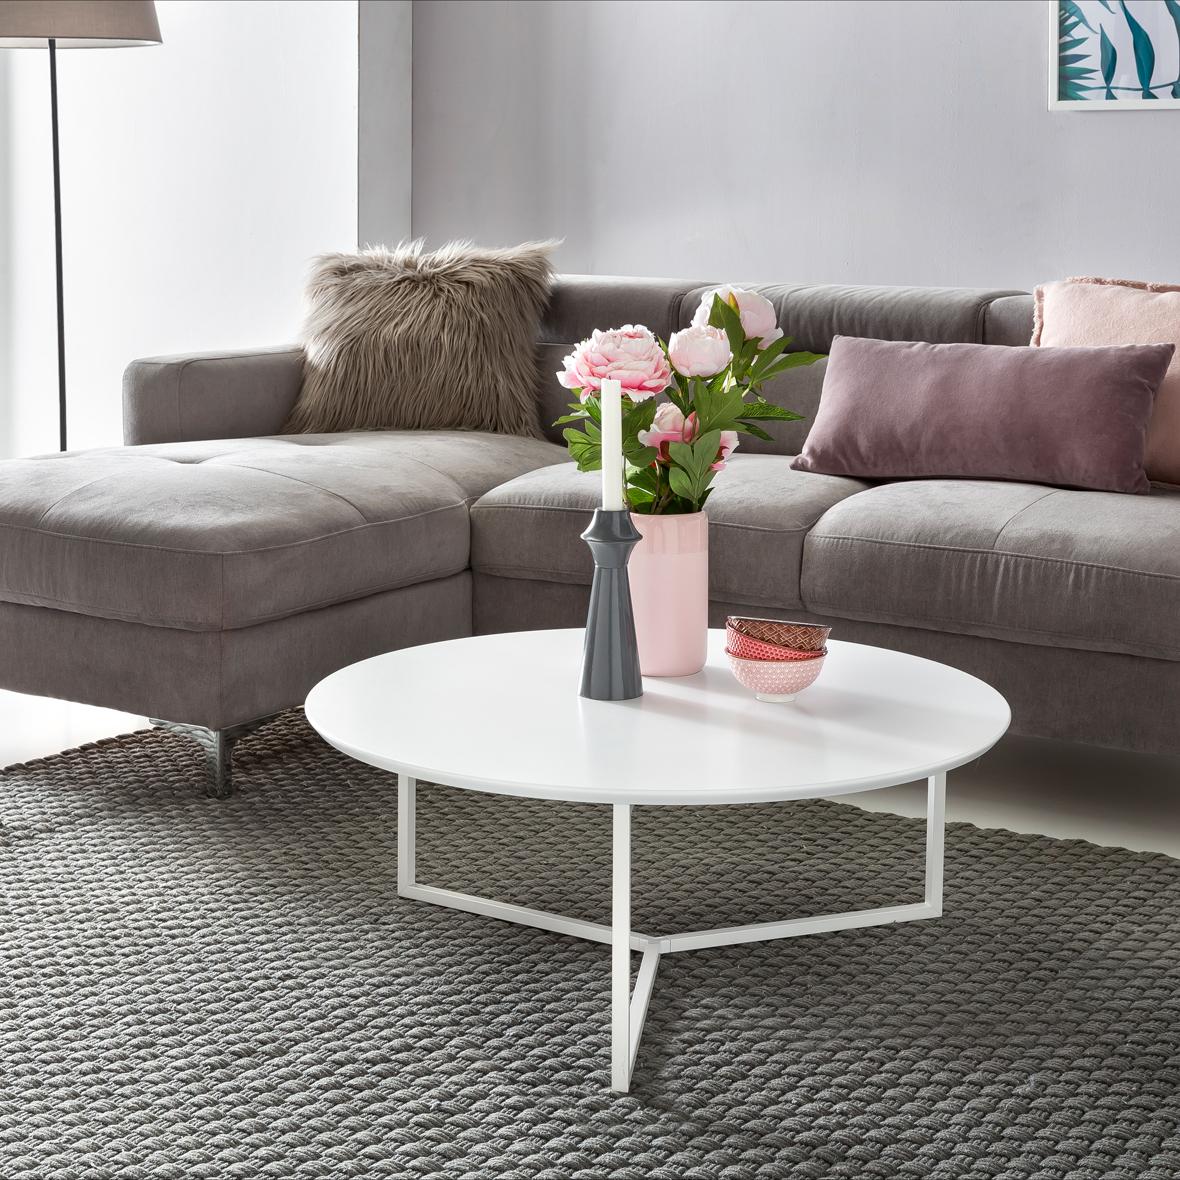 couchtisch white 80cm rund wei matt design wohnzimmertisch sofa beistell tisch ebay. Black Bedroom Furniture Sets. Home Design Ideas